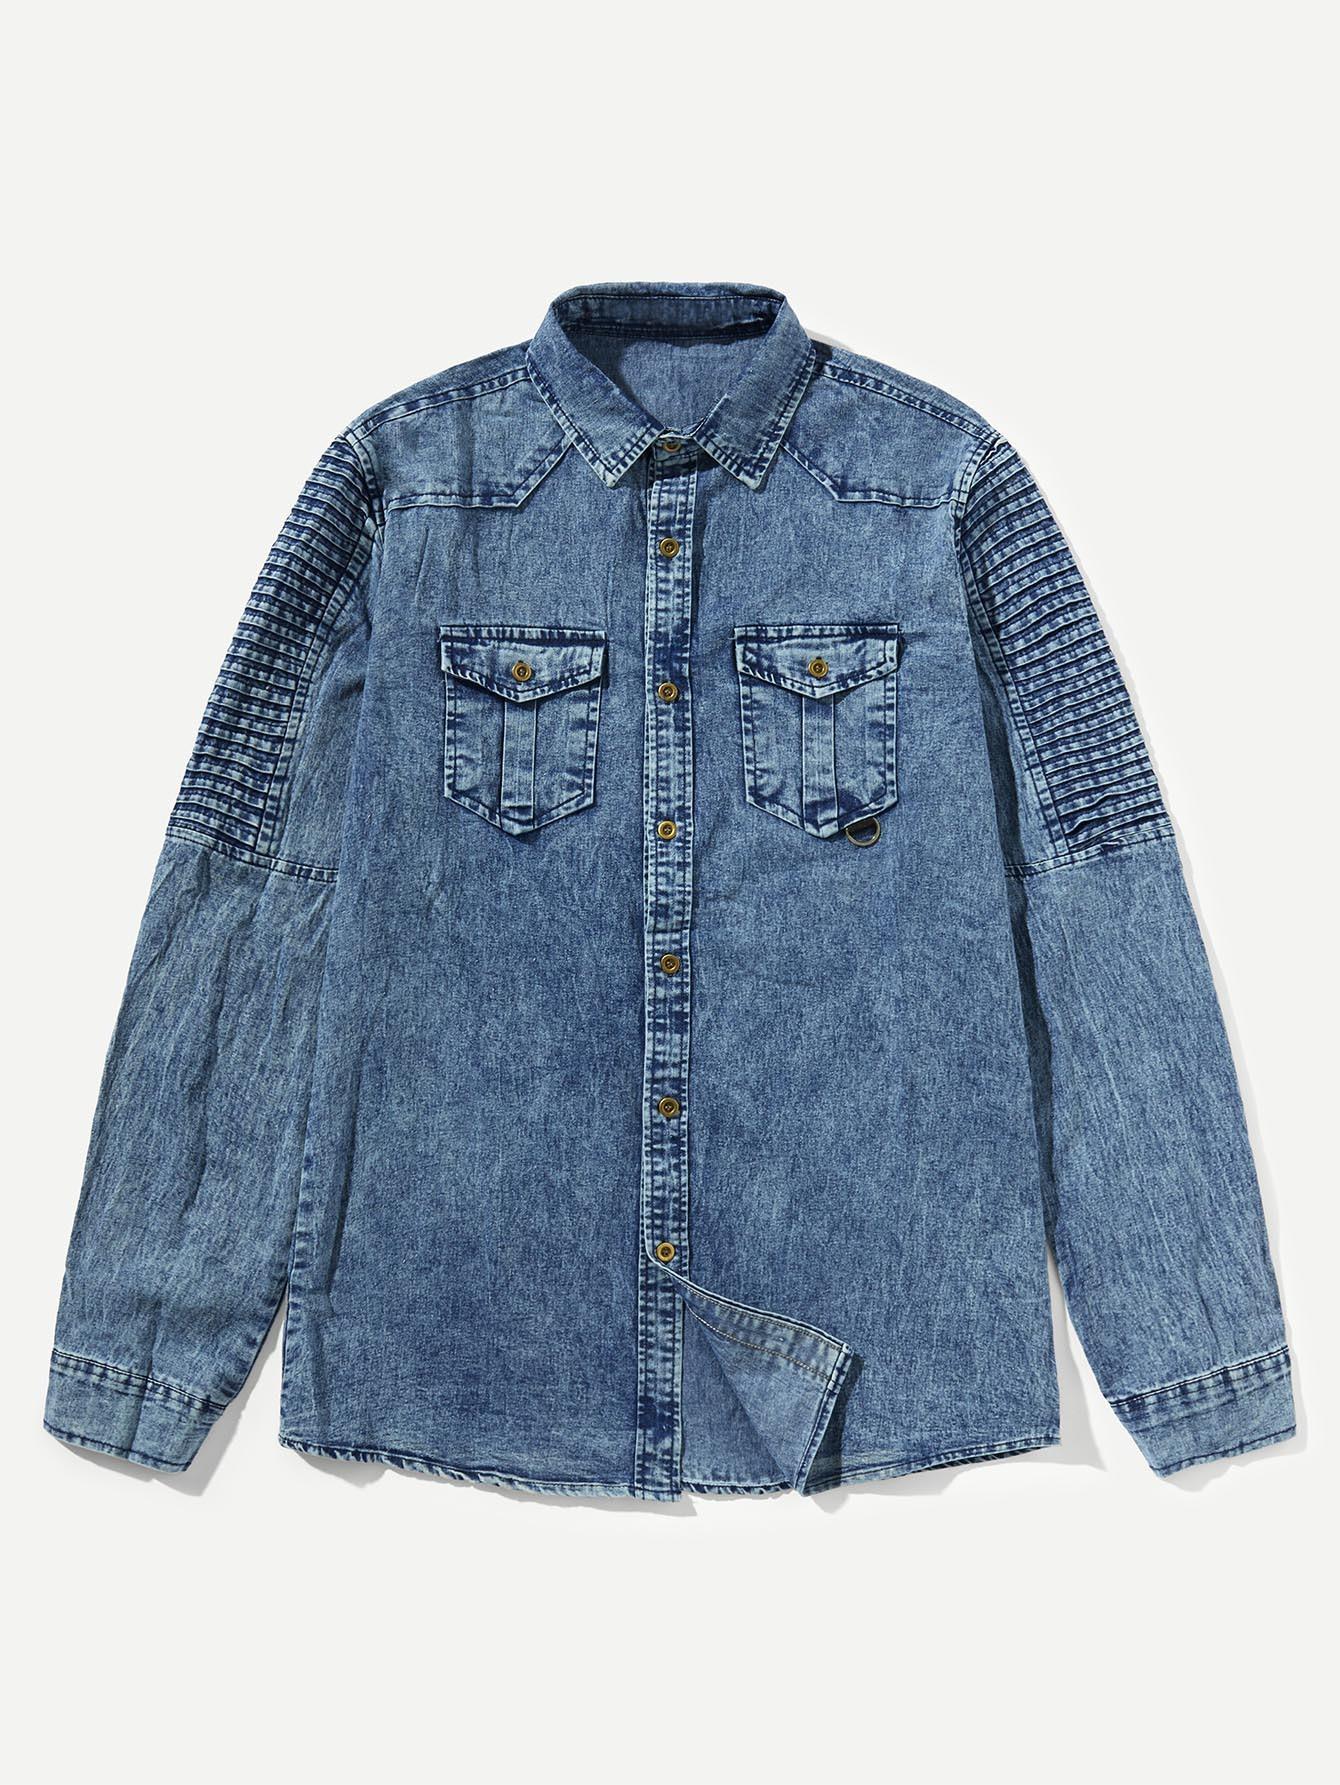 Купить Мужская джинсовая футболка с плиссированными рукавами, null, SheIn